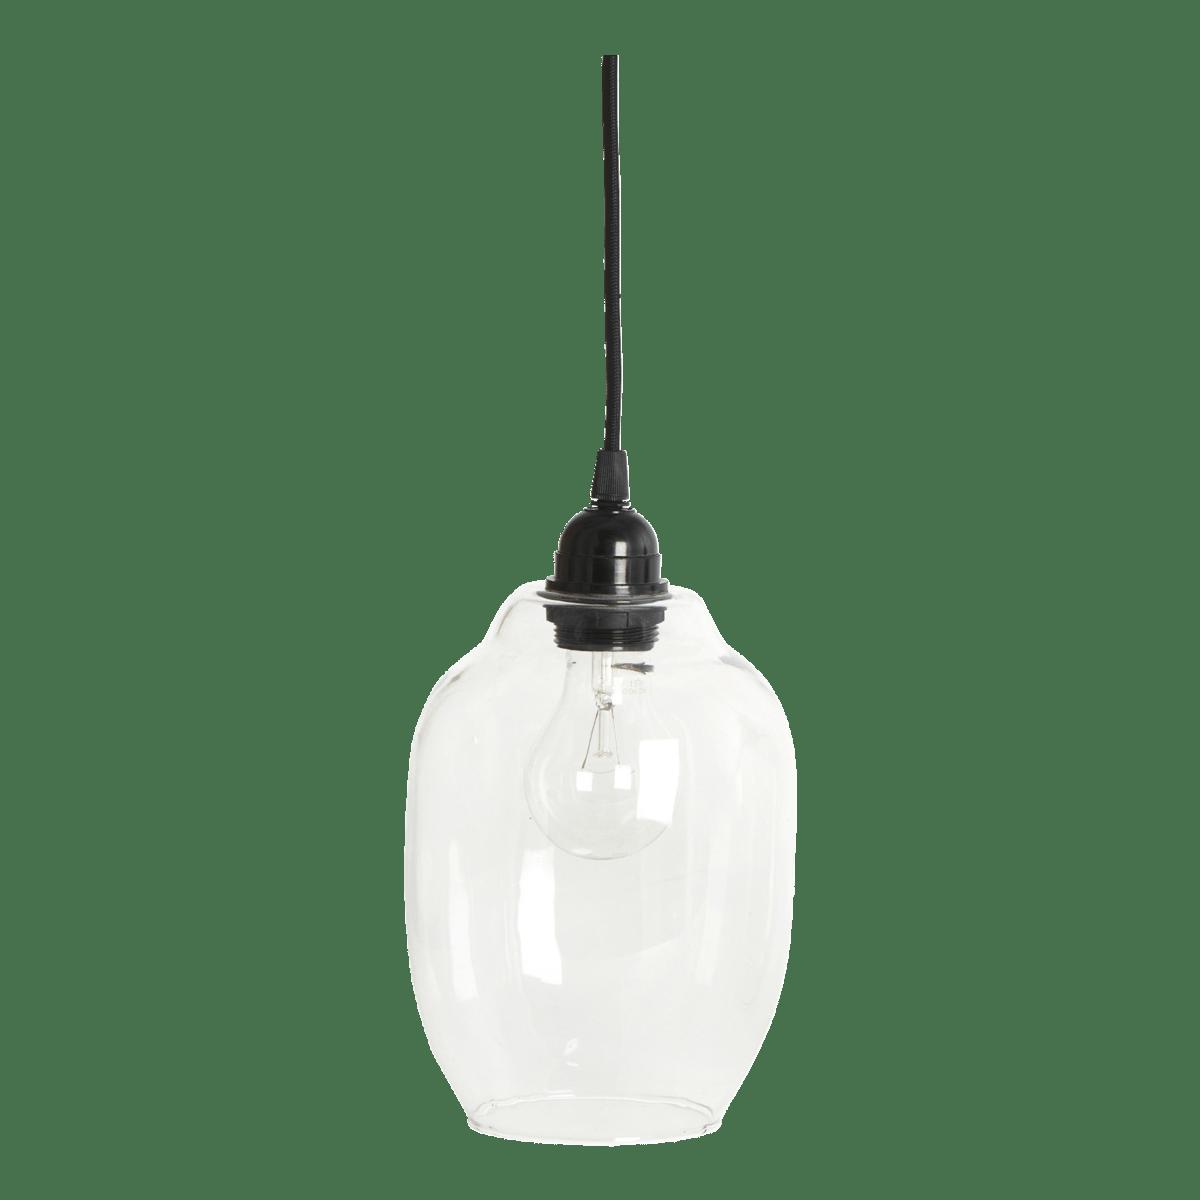 Průhledné stínítko lampy Goal malé